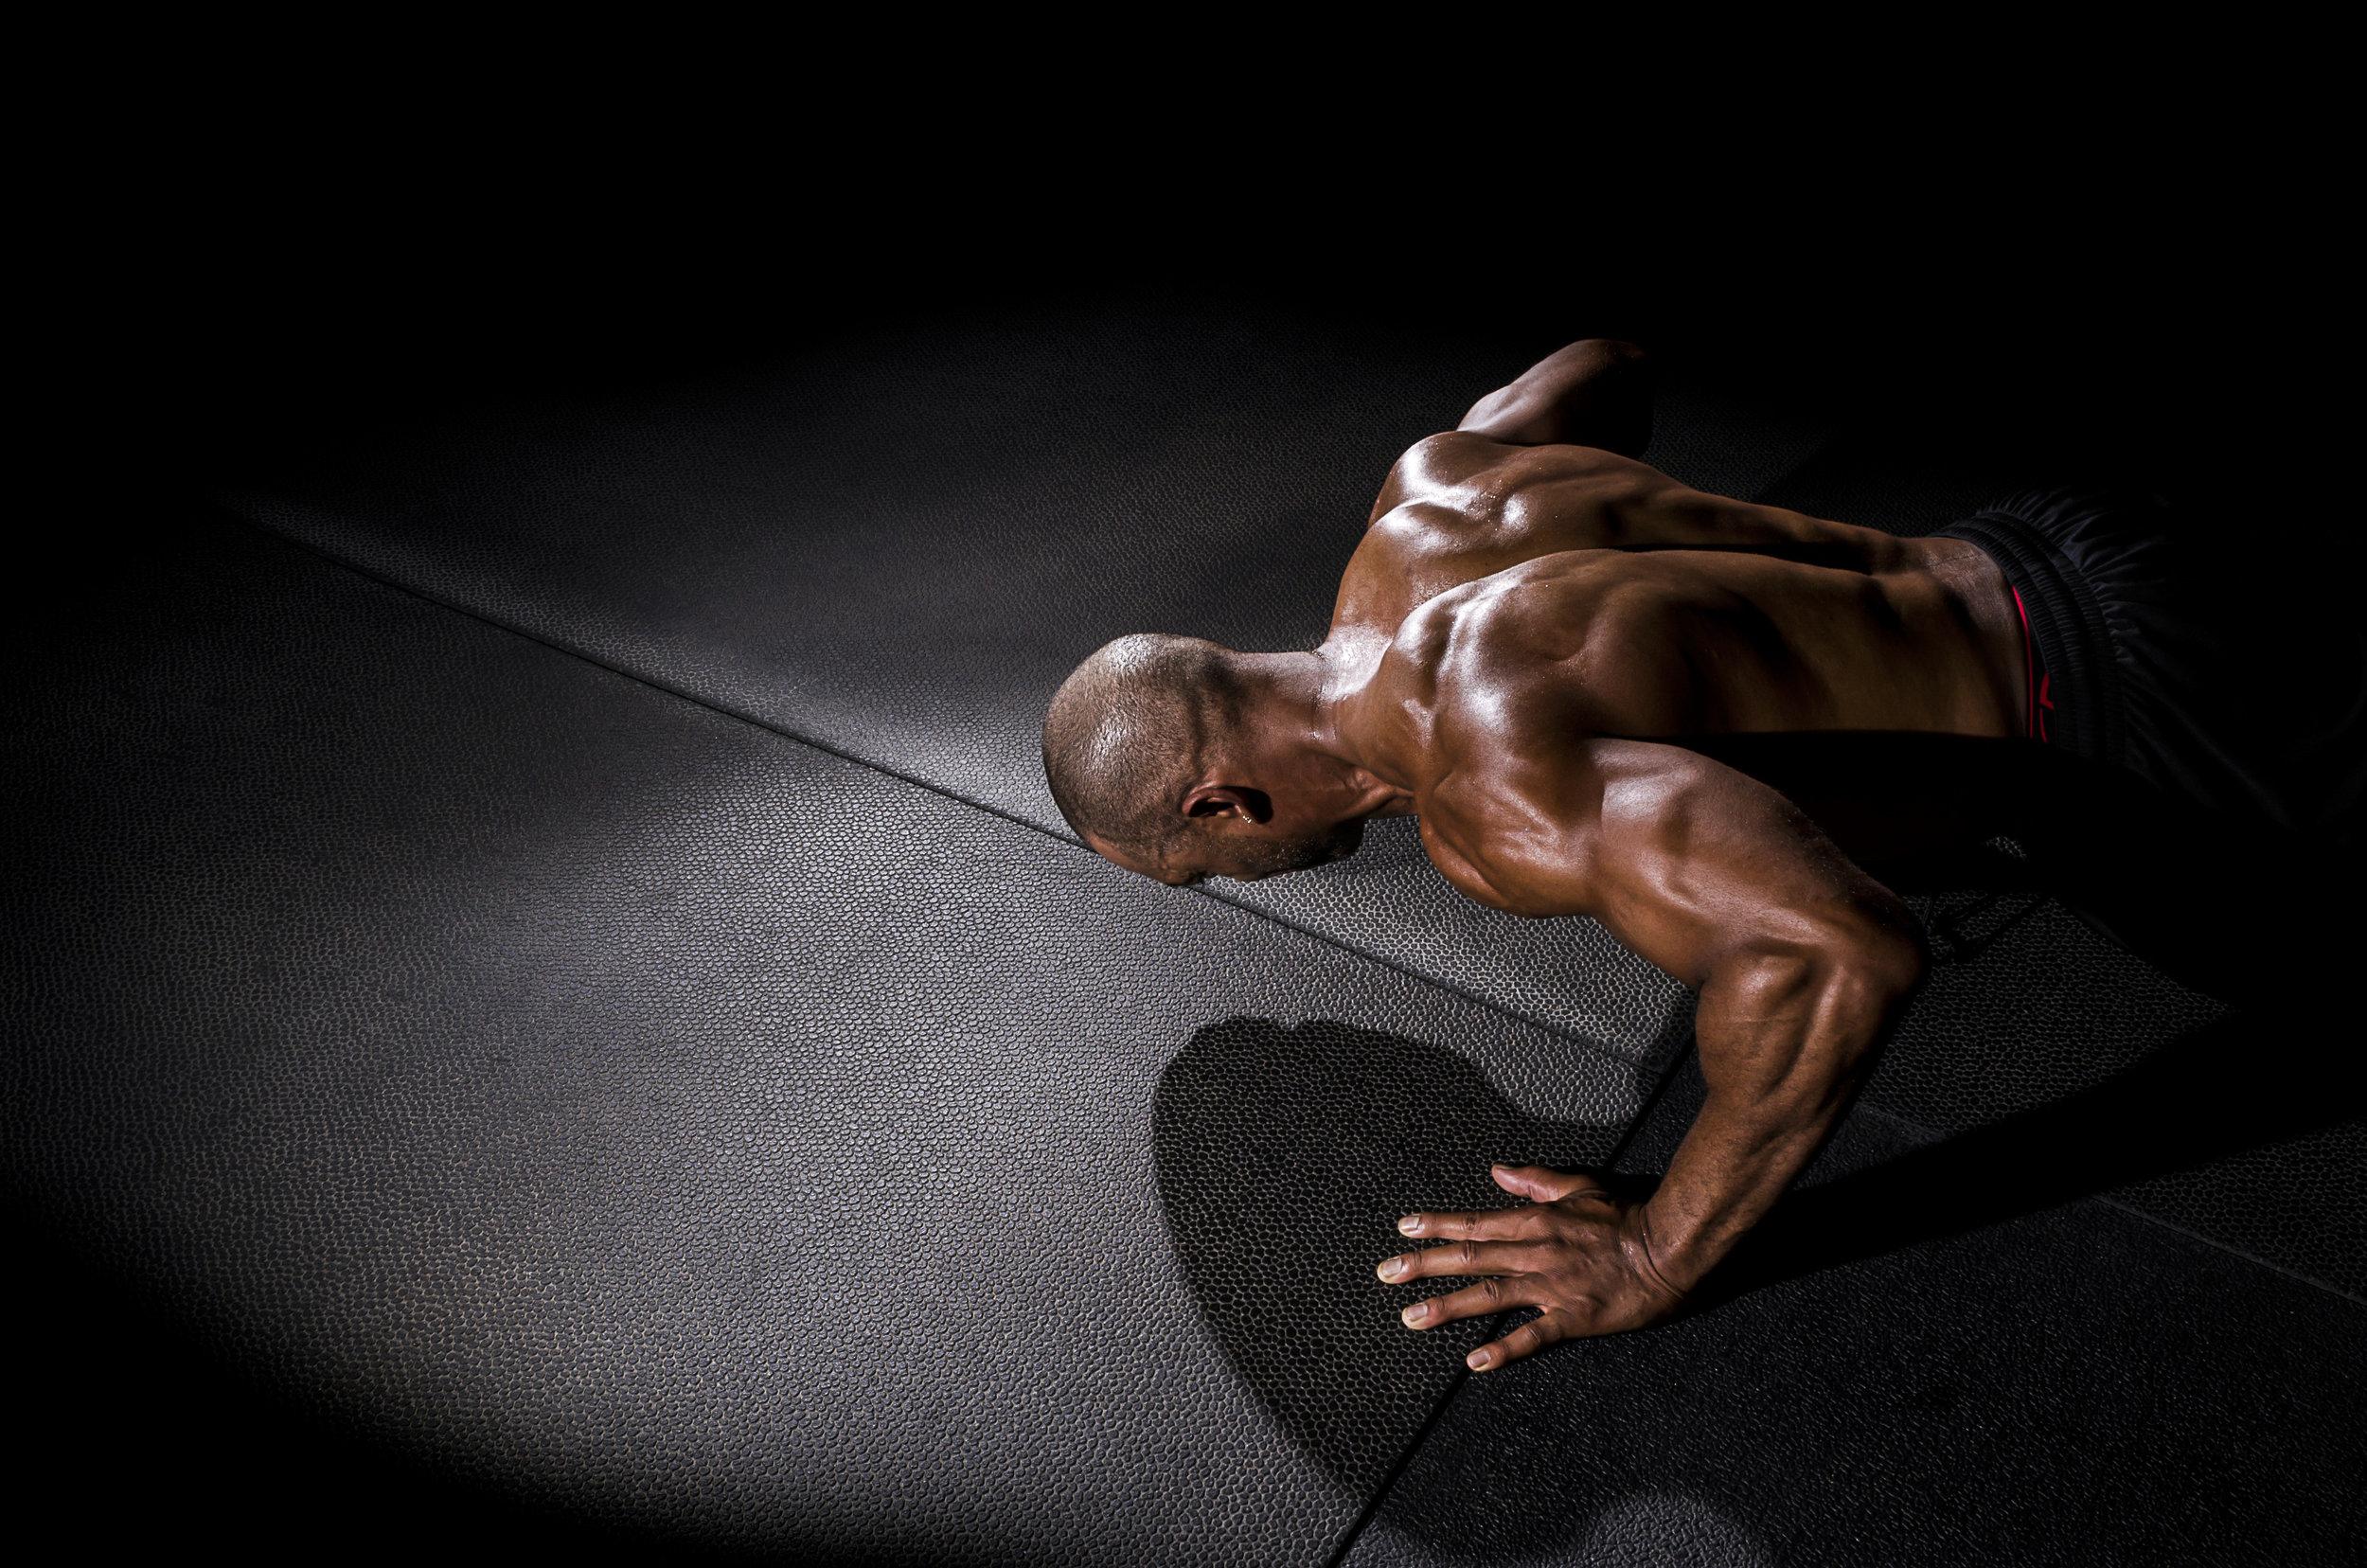 Kostenloses Probetraining mit dem Tiger Fitness Trainer - 1. ProbetrainingS-Einheit von 30 min. kostenlos